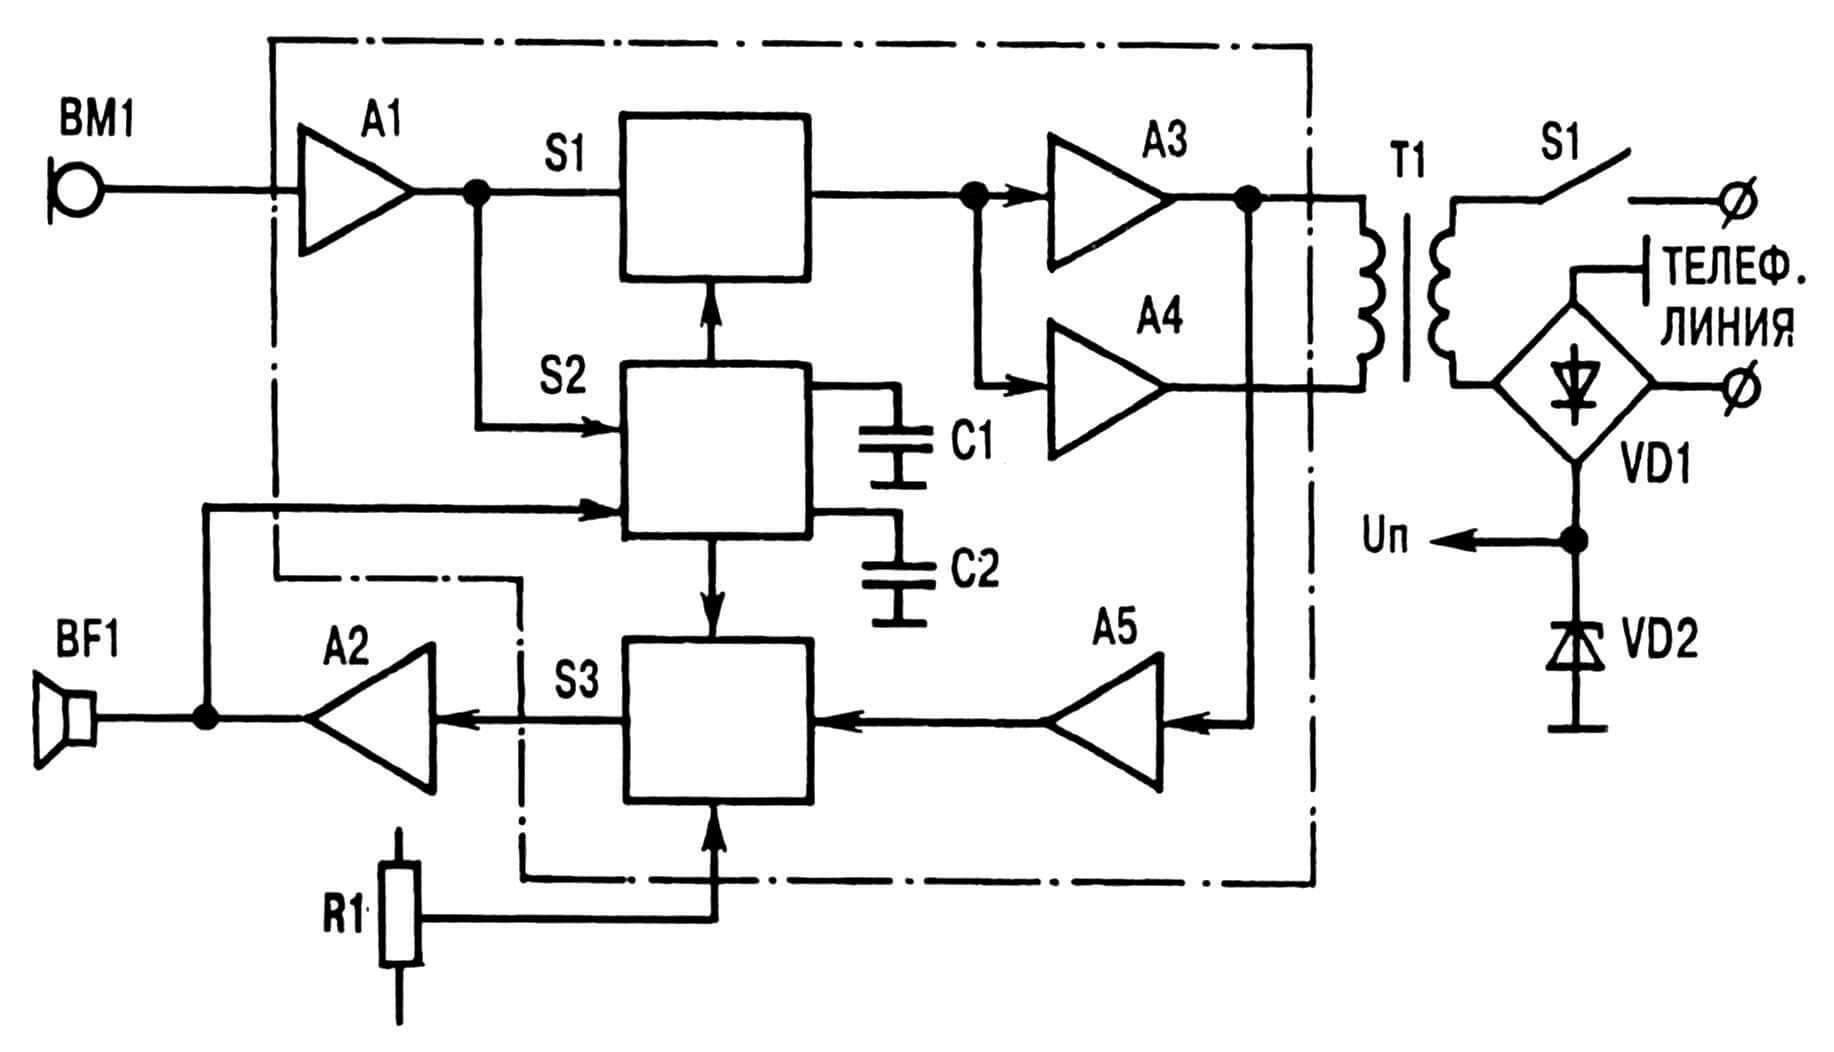 Упрощенная функциональная схема спикерфона.